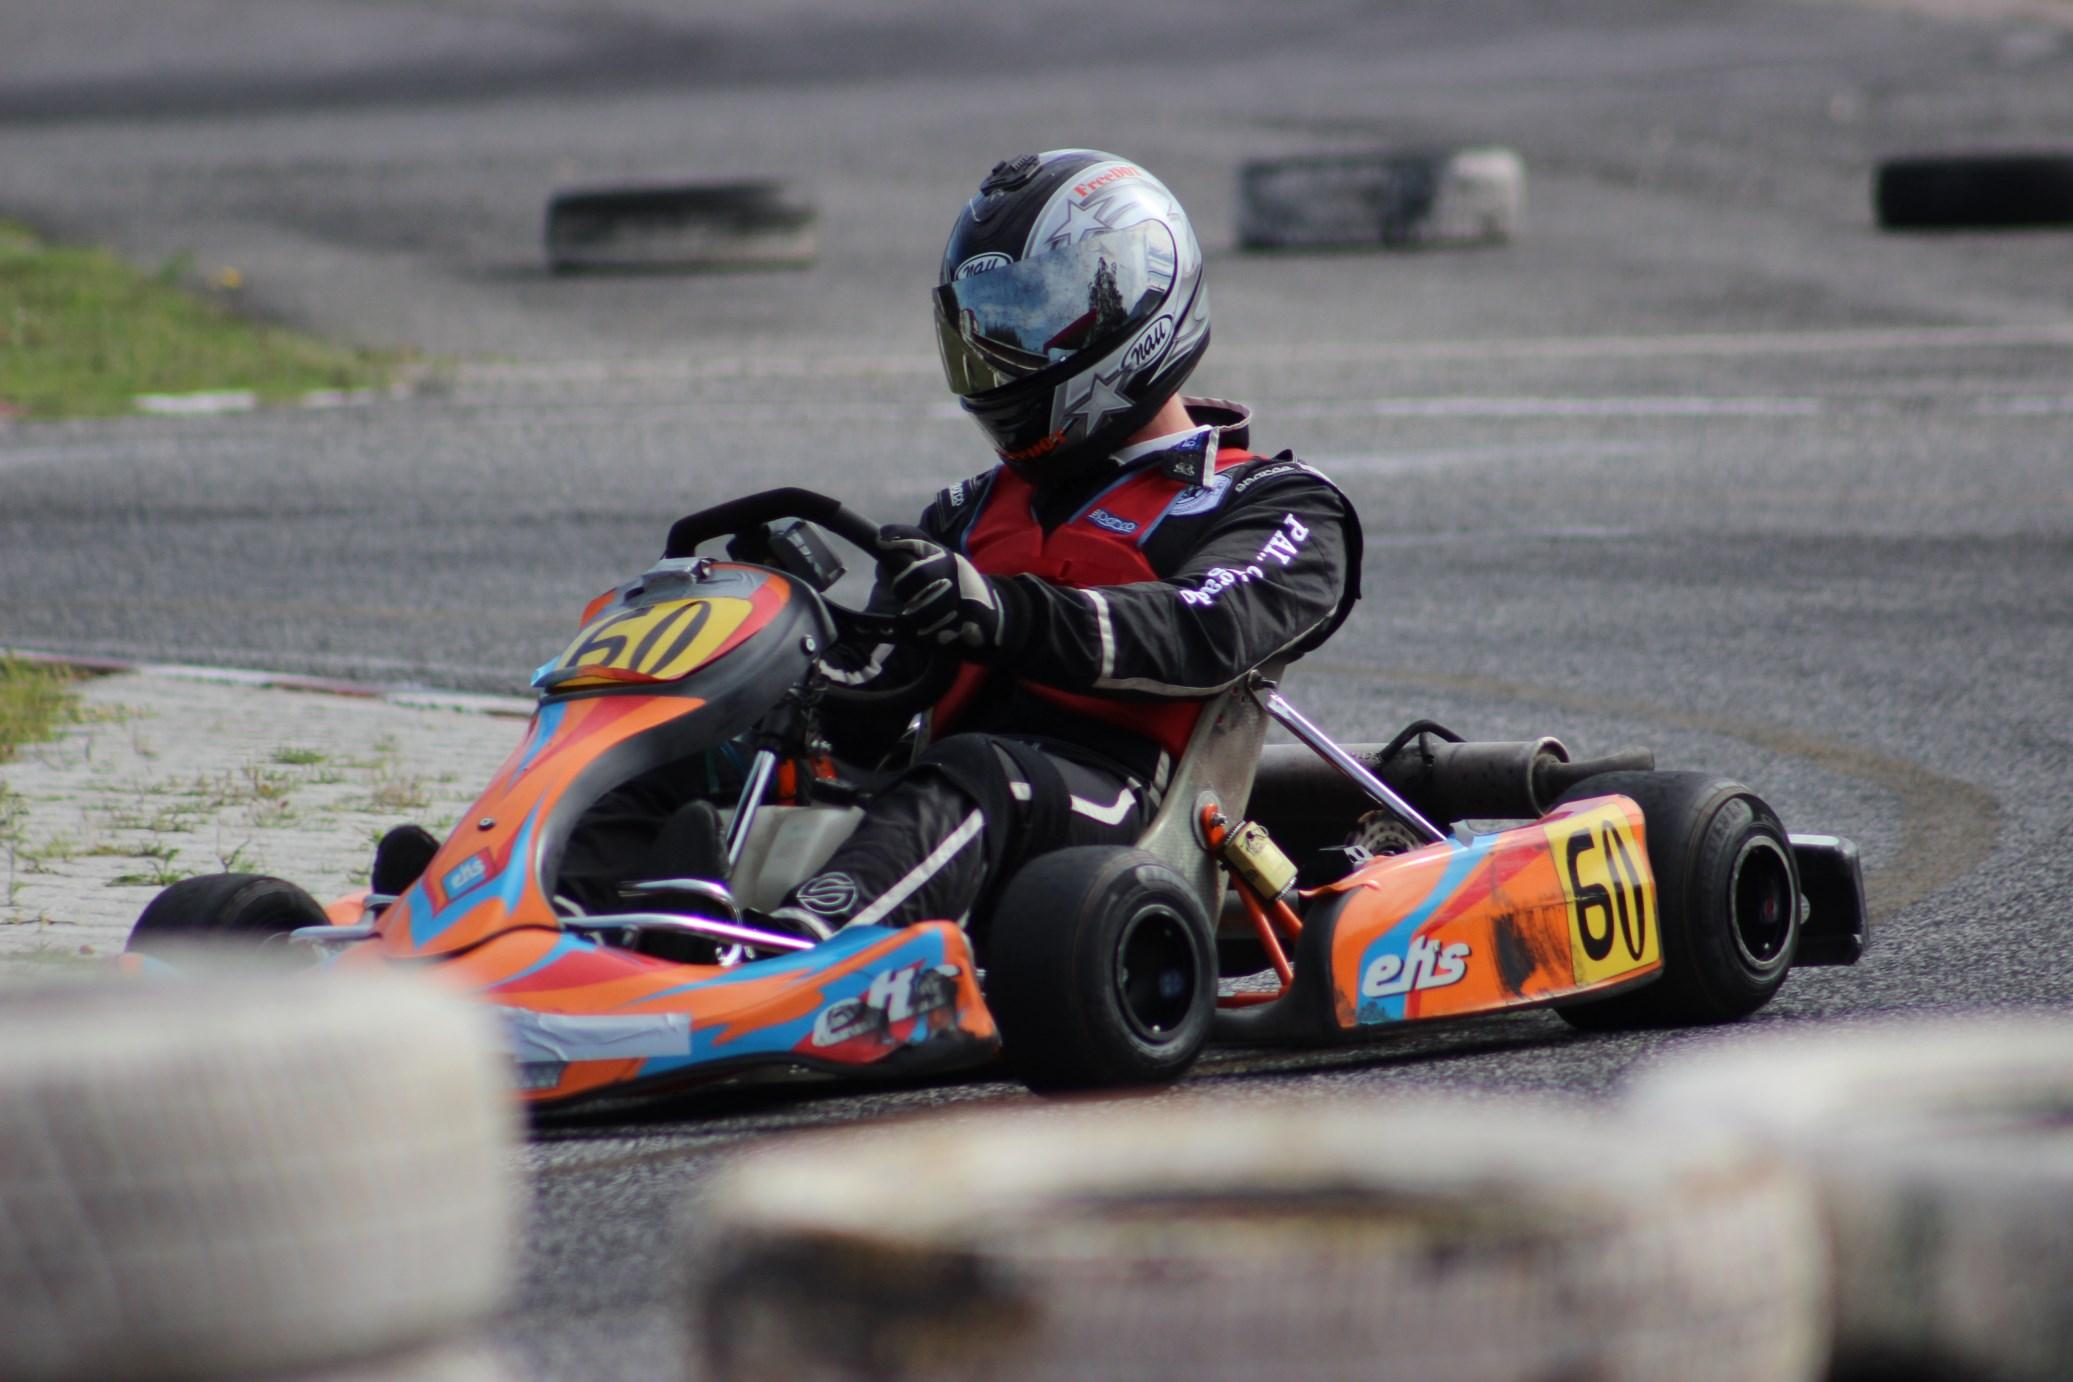 Troféu Honda 2014 - 4ª Prova199